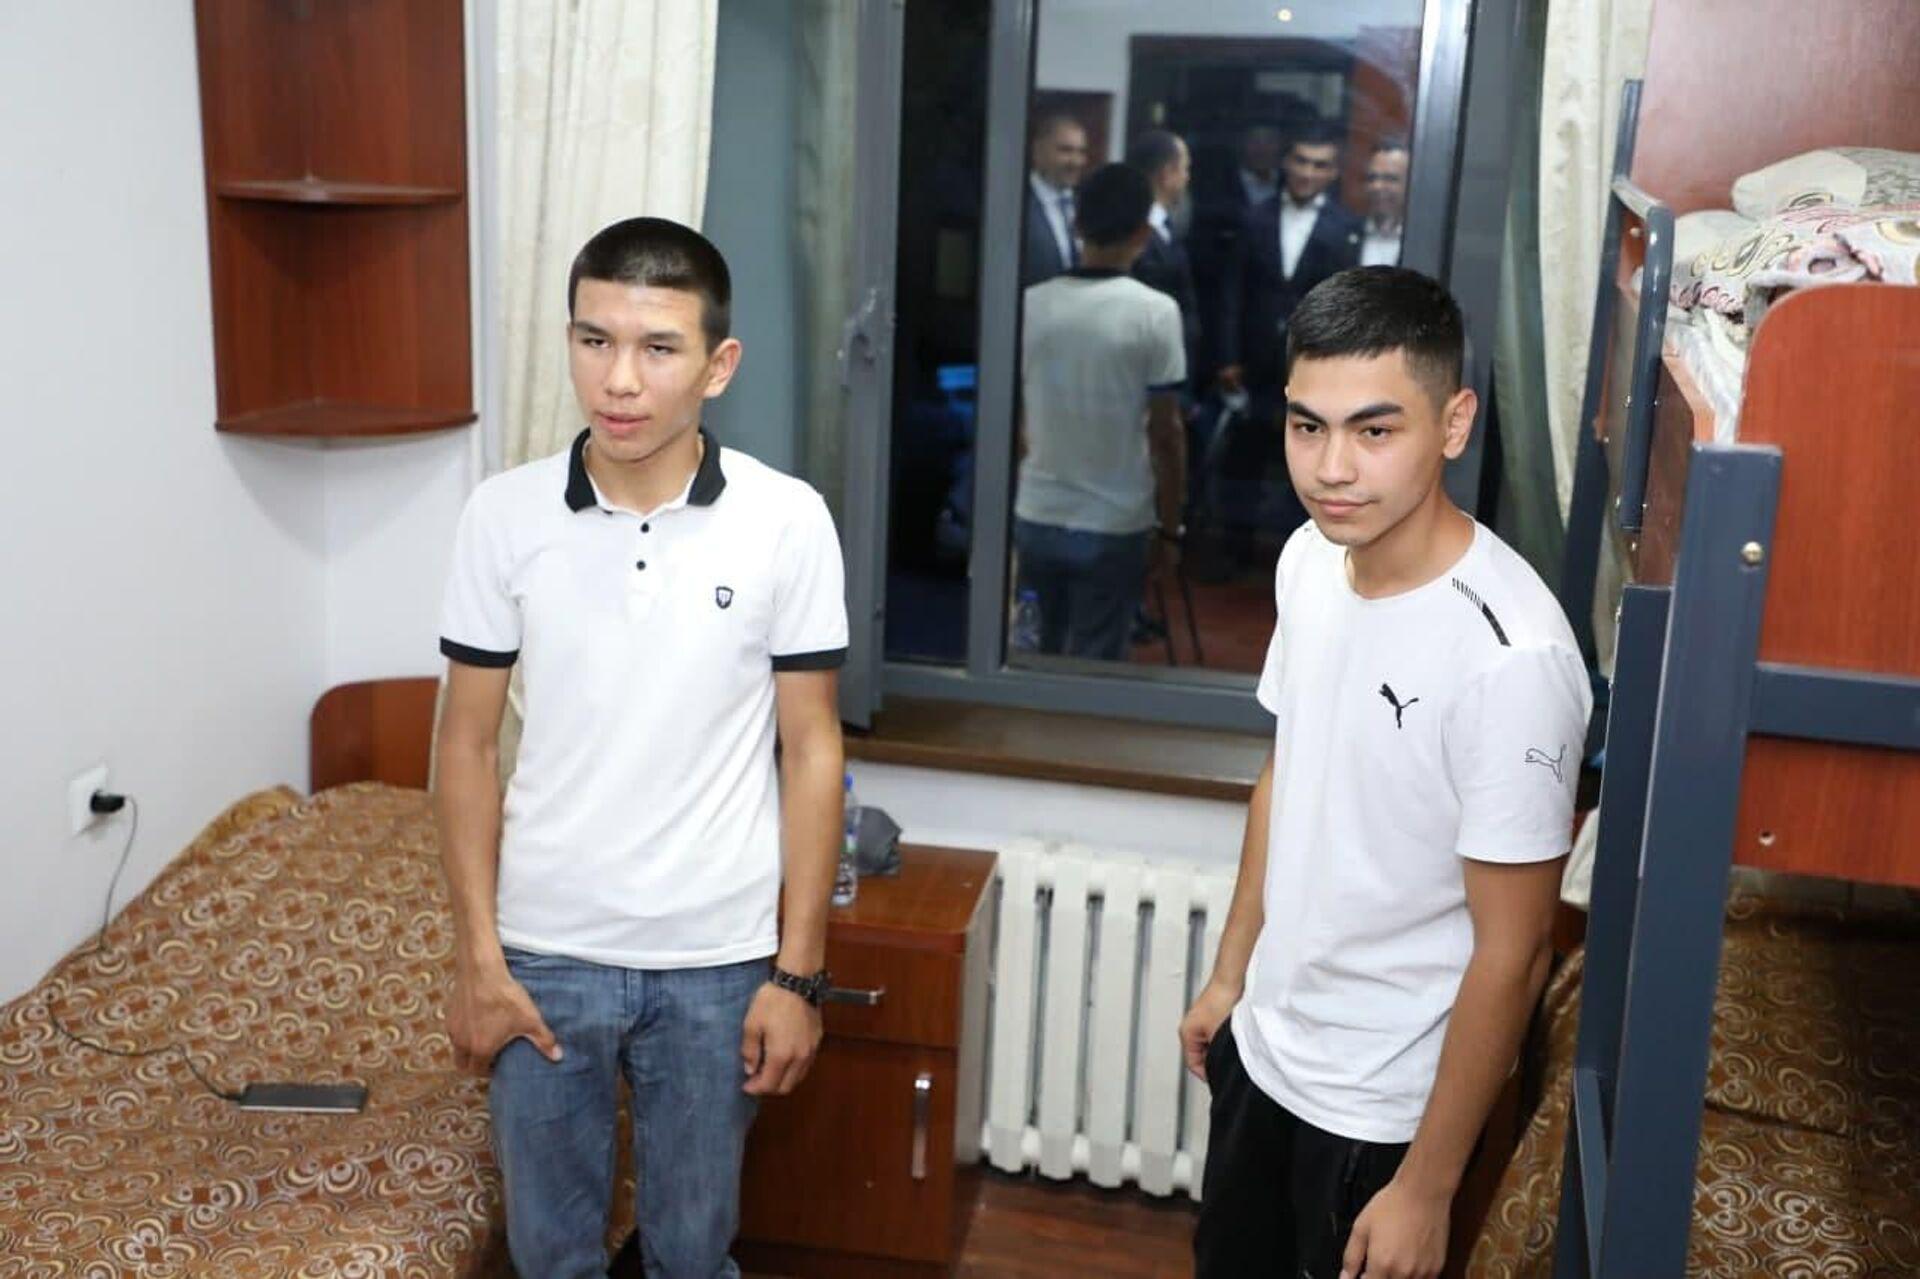 В студенческих общежитиях столичных вузов установят двухъярусные кровати  - Sputnik Узбекистан, 1920, 08.09.2021